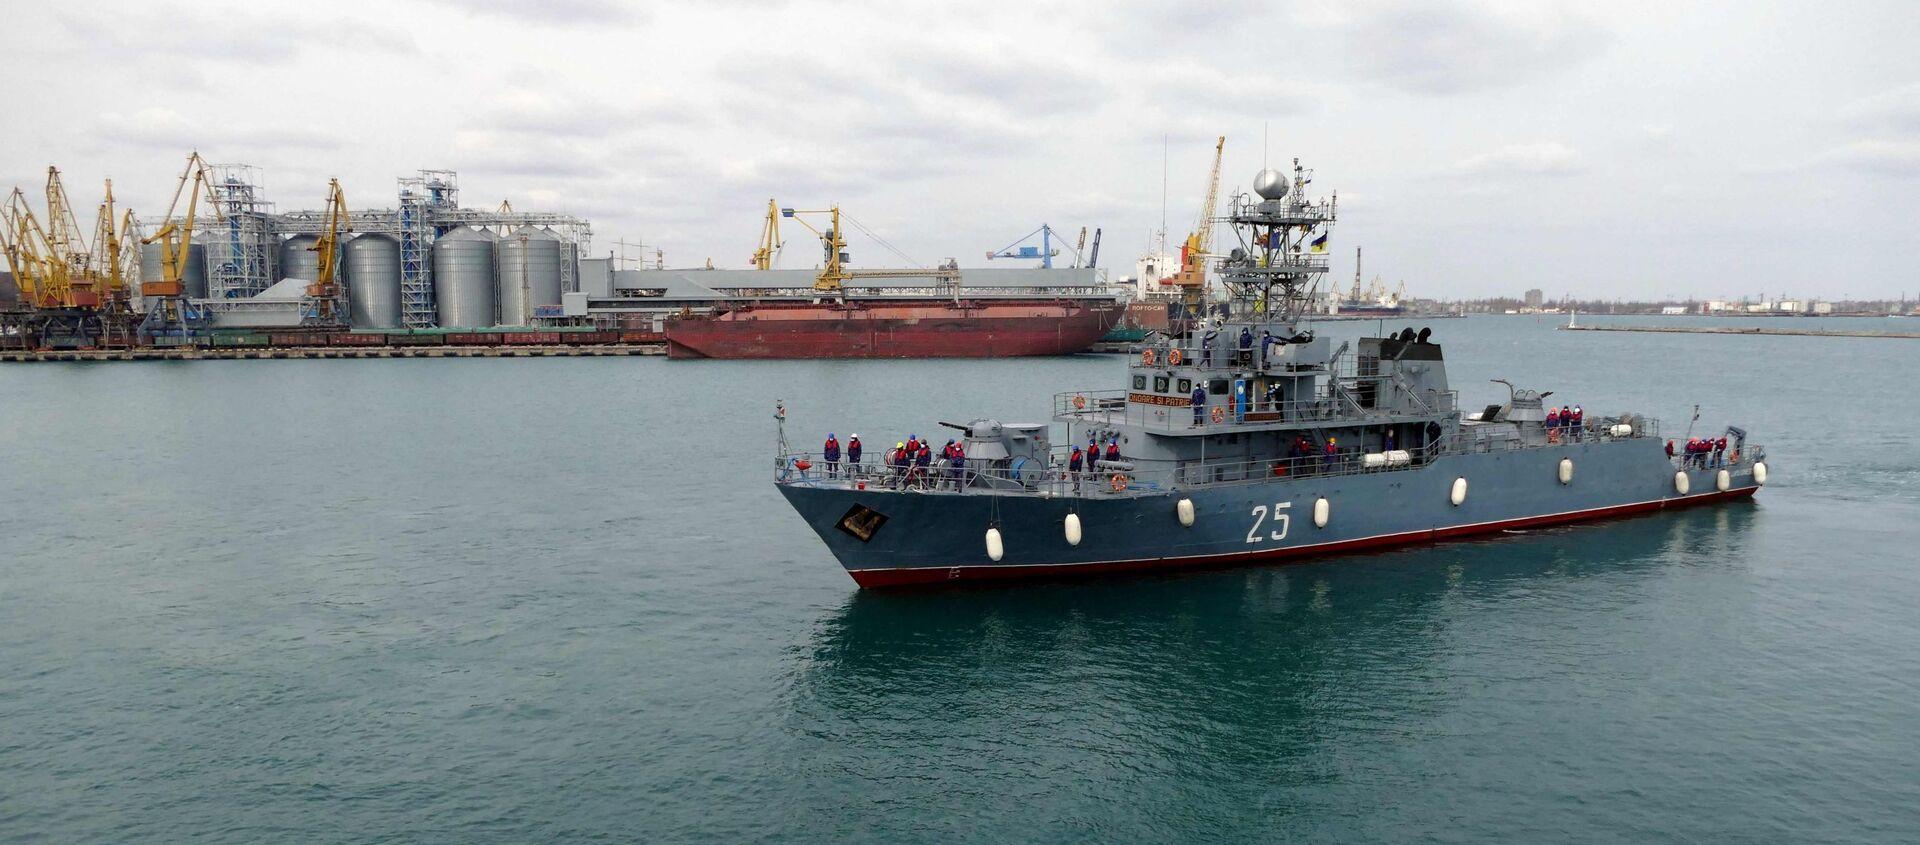 В порт Одессы вошли военные корабли НАТО - Sputnik Аҧсны, 1920, 21.04.2021